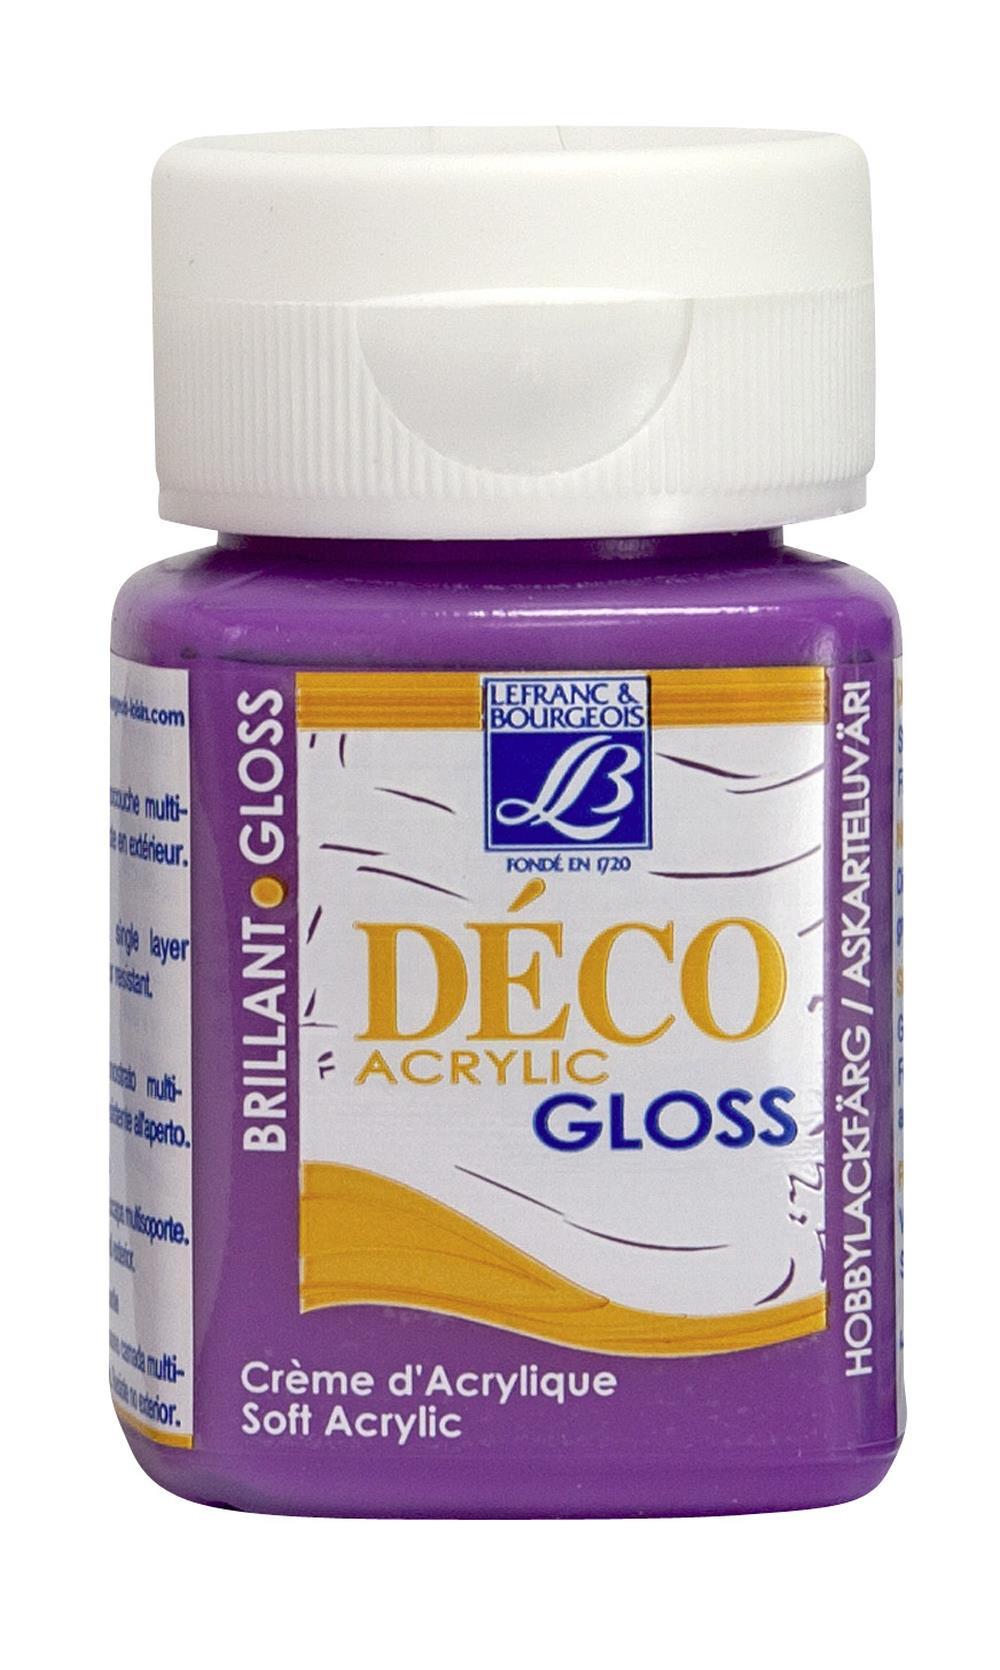 Hobbyfärg L&B Deco Gloss Akryl 50ml  Wine 314 (4F) Utgår